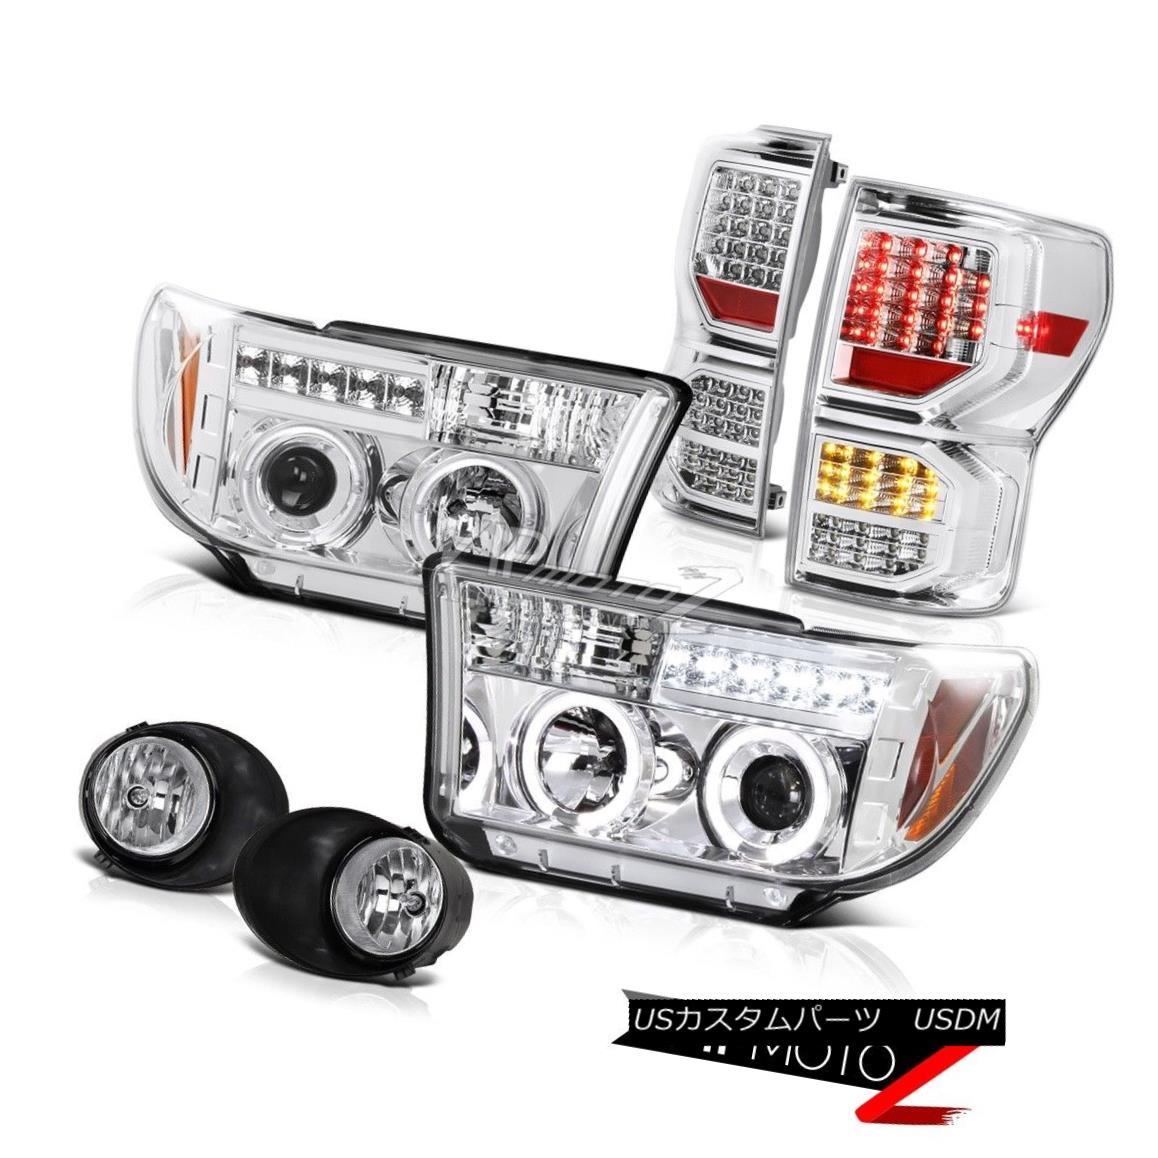 テールライト 07-13 Toyota Tundra Limited Rear Brake Lights Fog Headlamps LED SMD LED Signal 07-13 Toyota Tundra LimitedリアブレーキライトフォグヘッドランプLED SMD LED信号